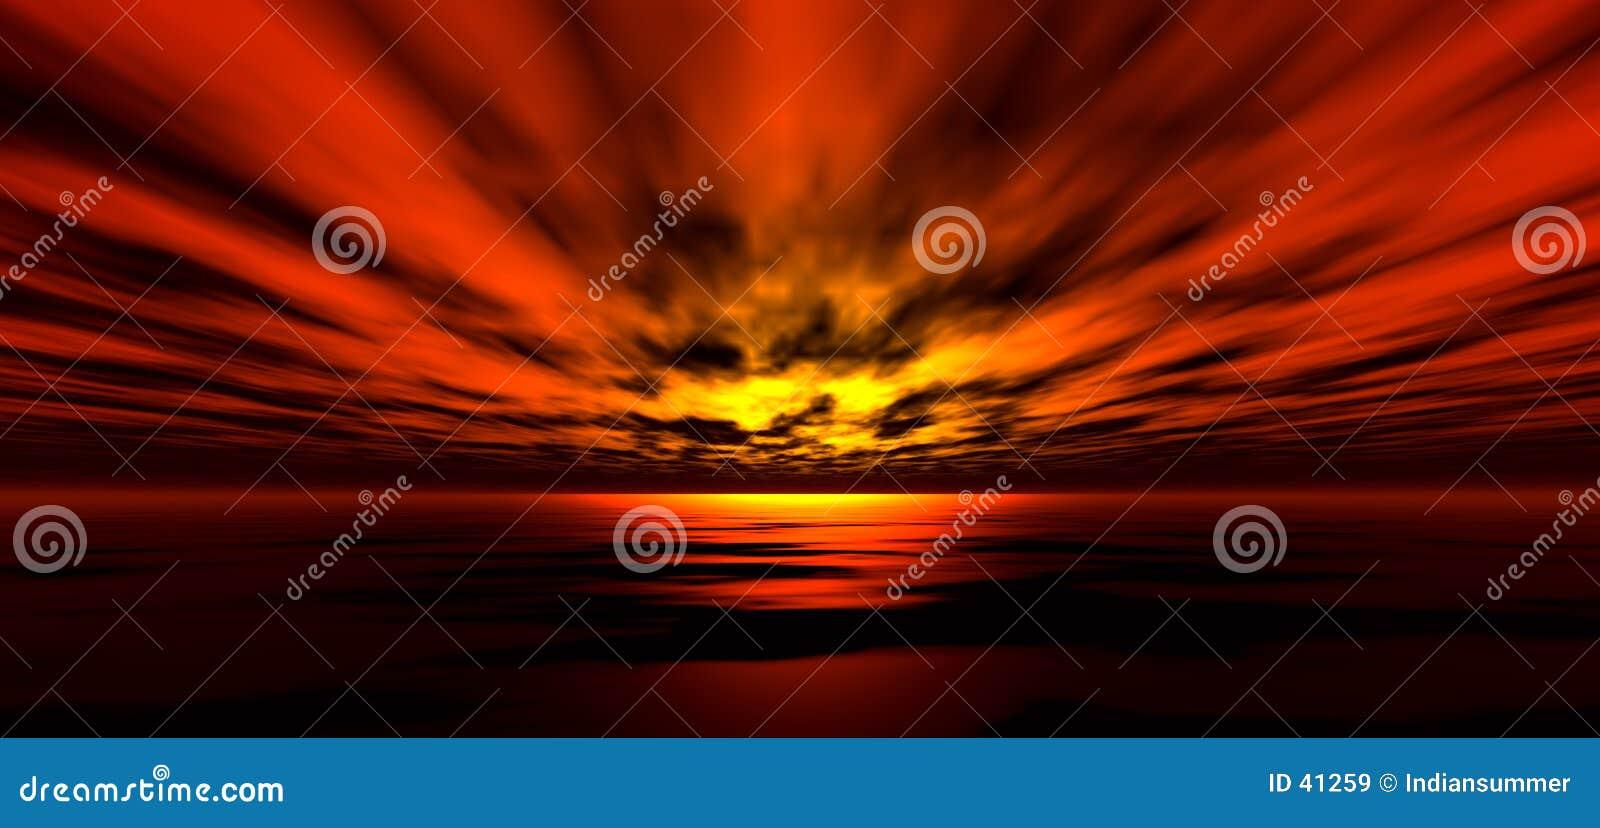 Download Fondo 5 De La Puesta Del Sol Stock de ilustración - Ilustración de océano, nubes: 41259